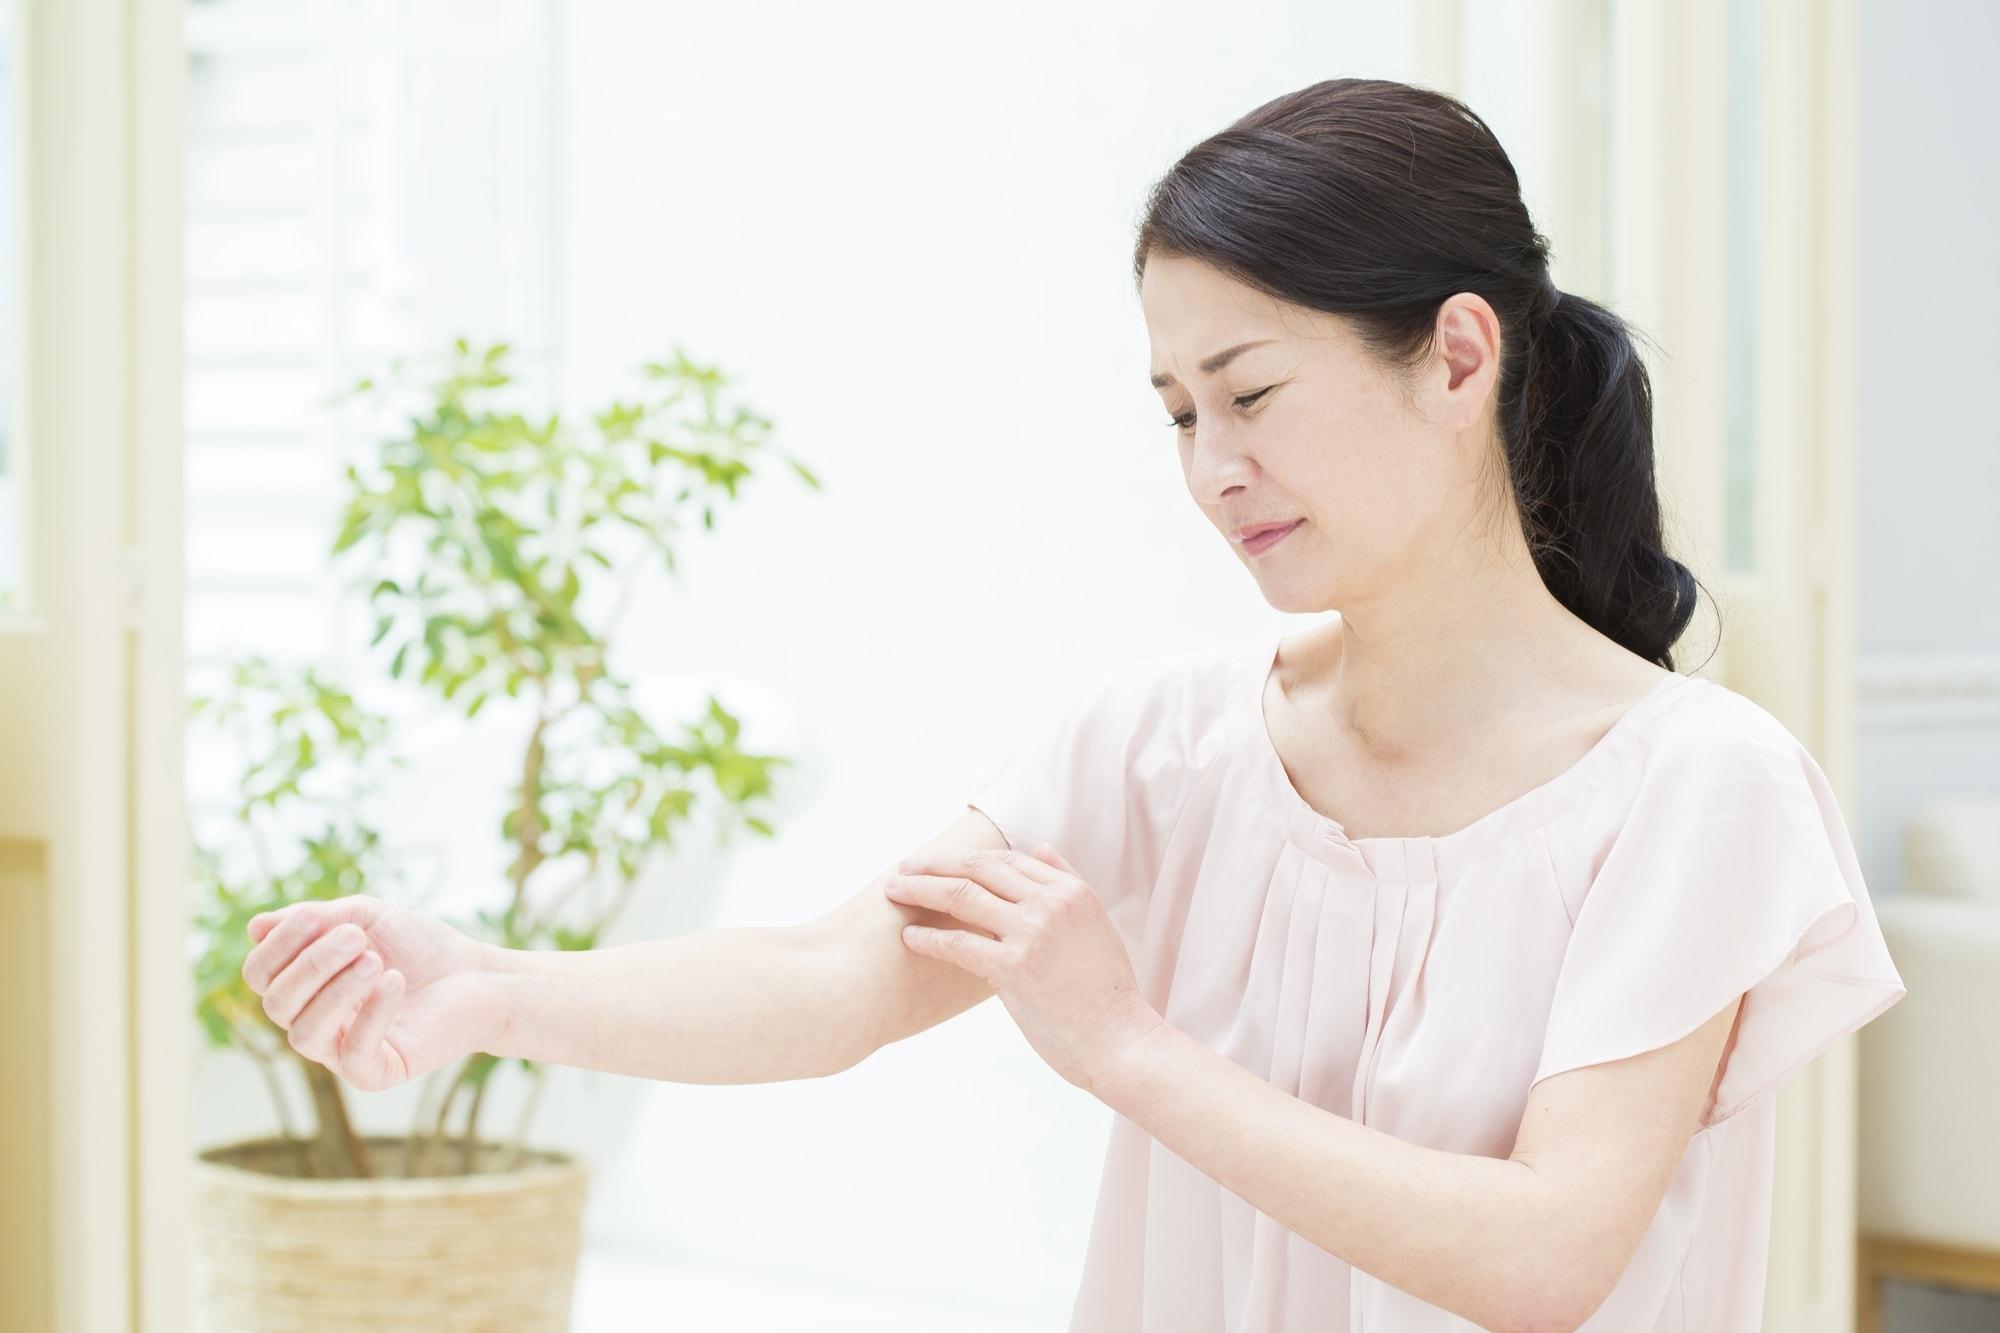 アレルギー検査_2-min.jpg